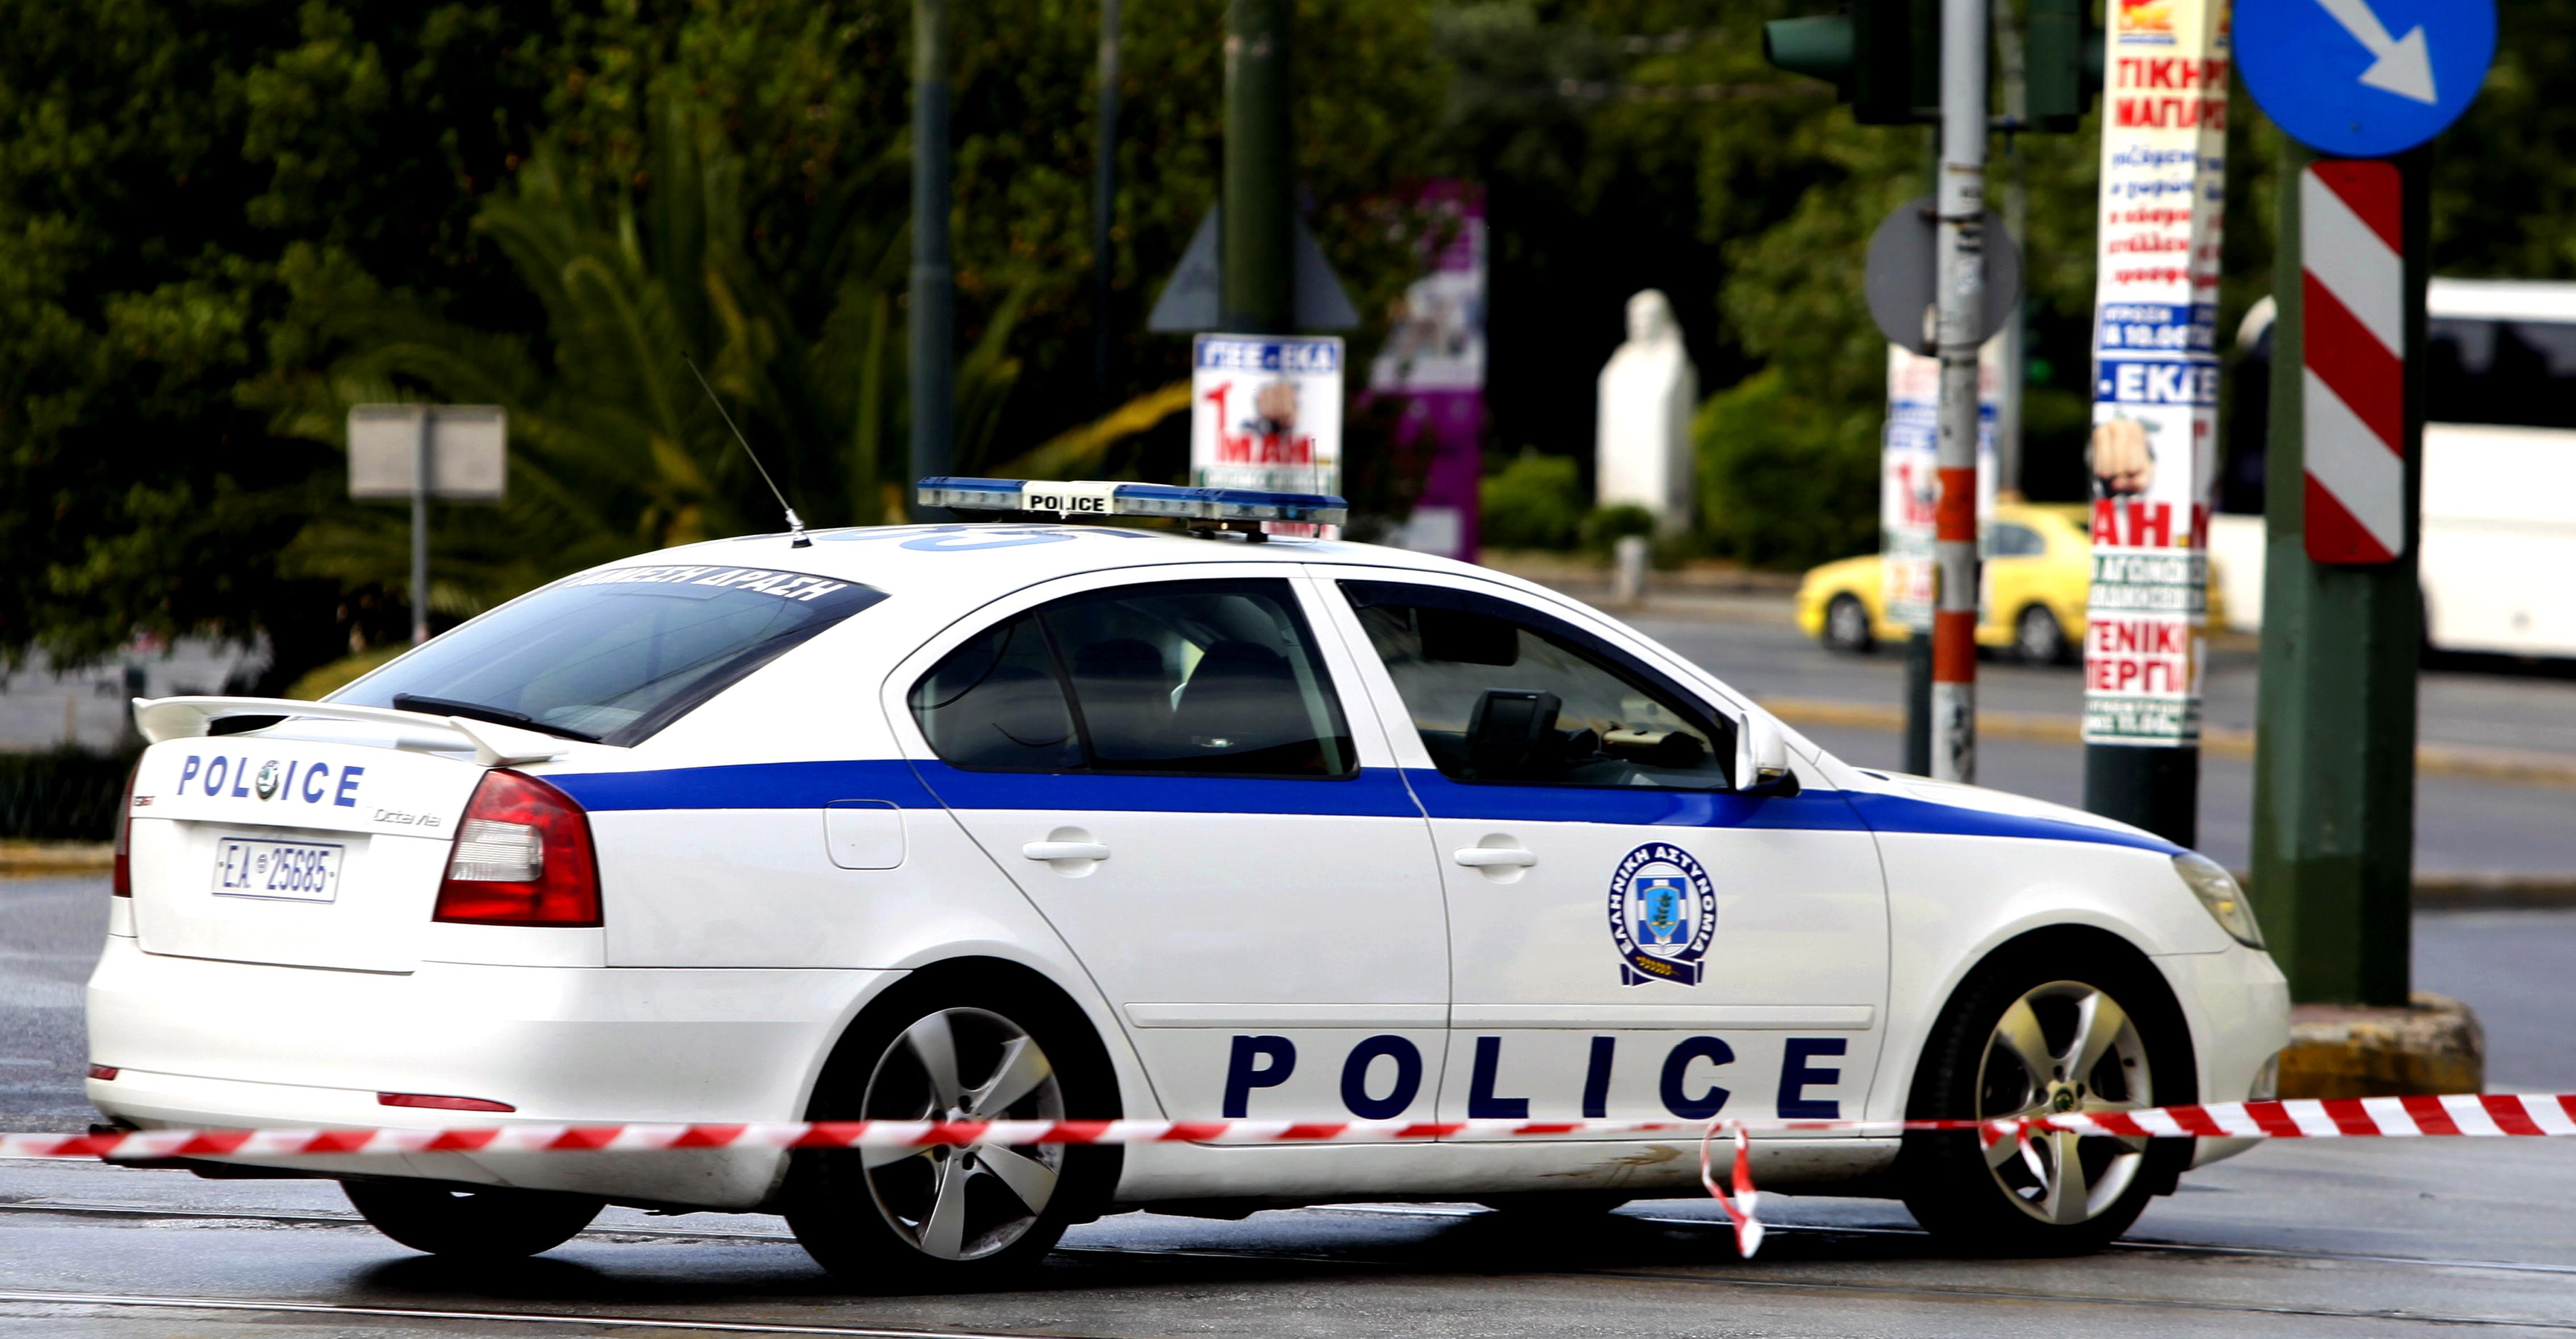 Αρπαγή το ισχυρότερο σενάριο στην υπόθεση εξαφάνισης του 23χρονου φαντάρου | tovima.gr